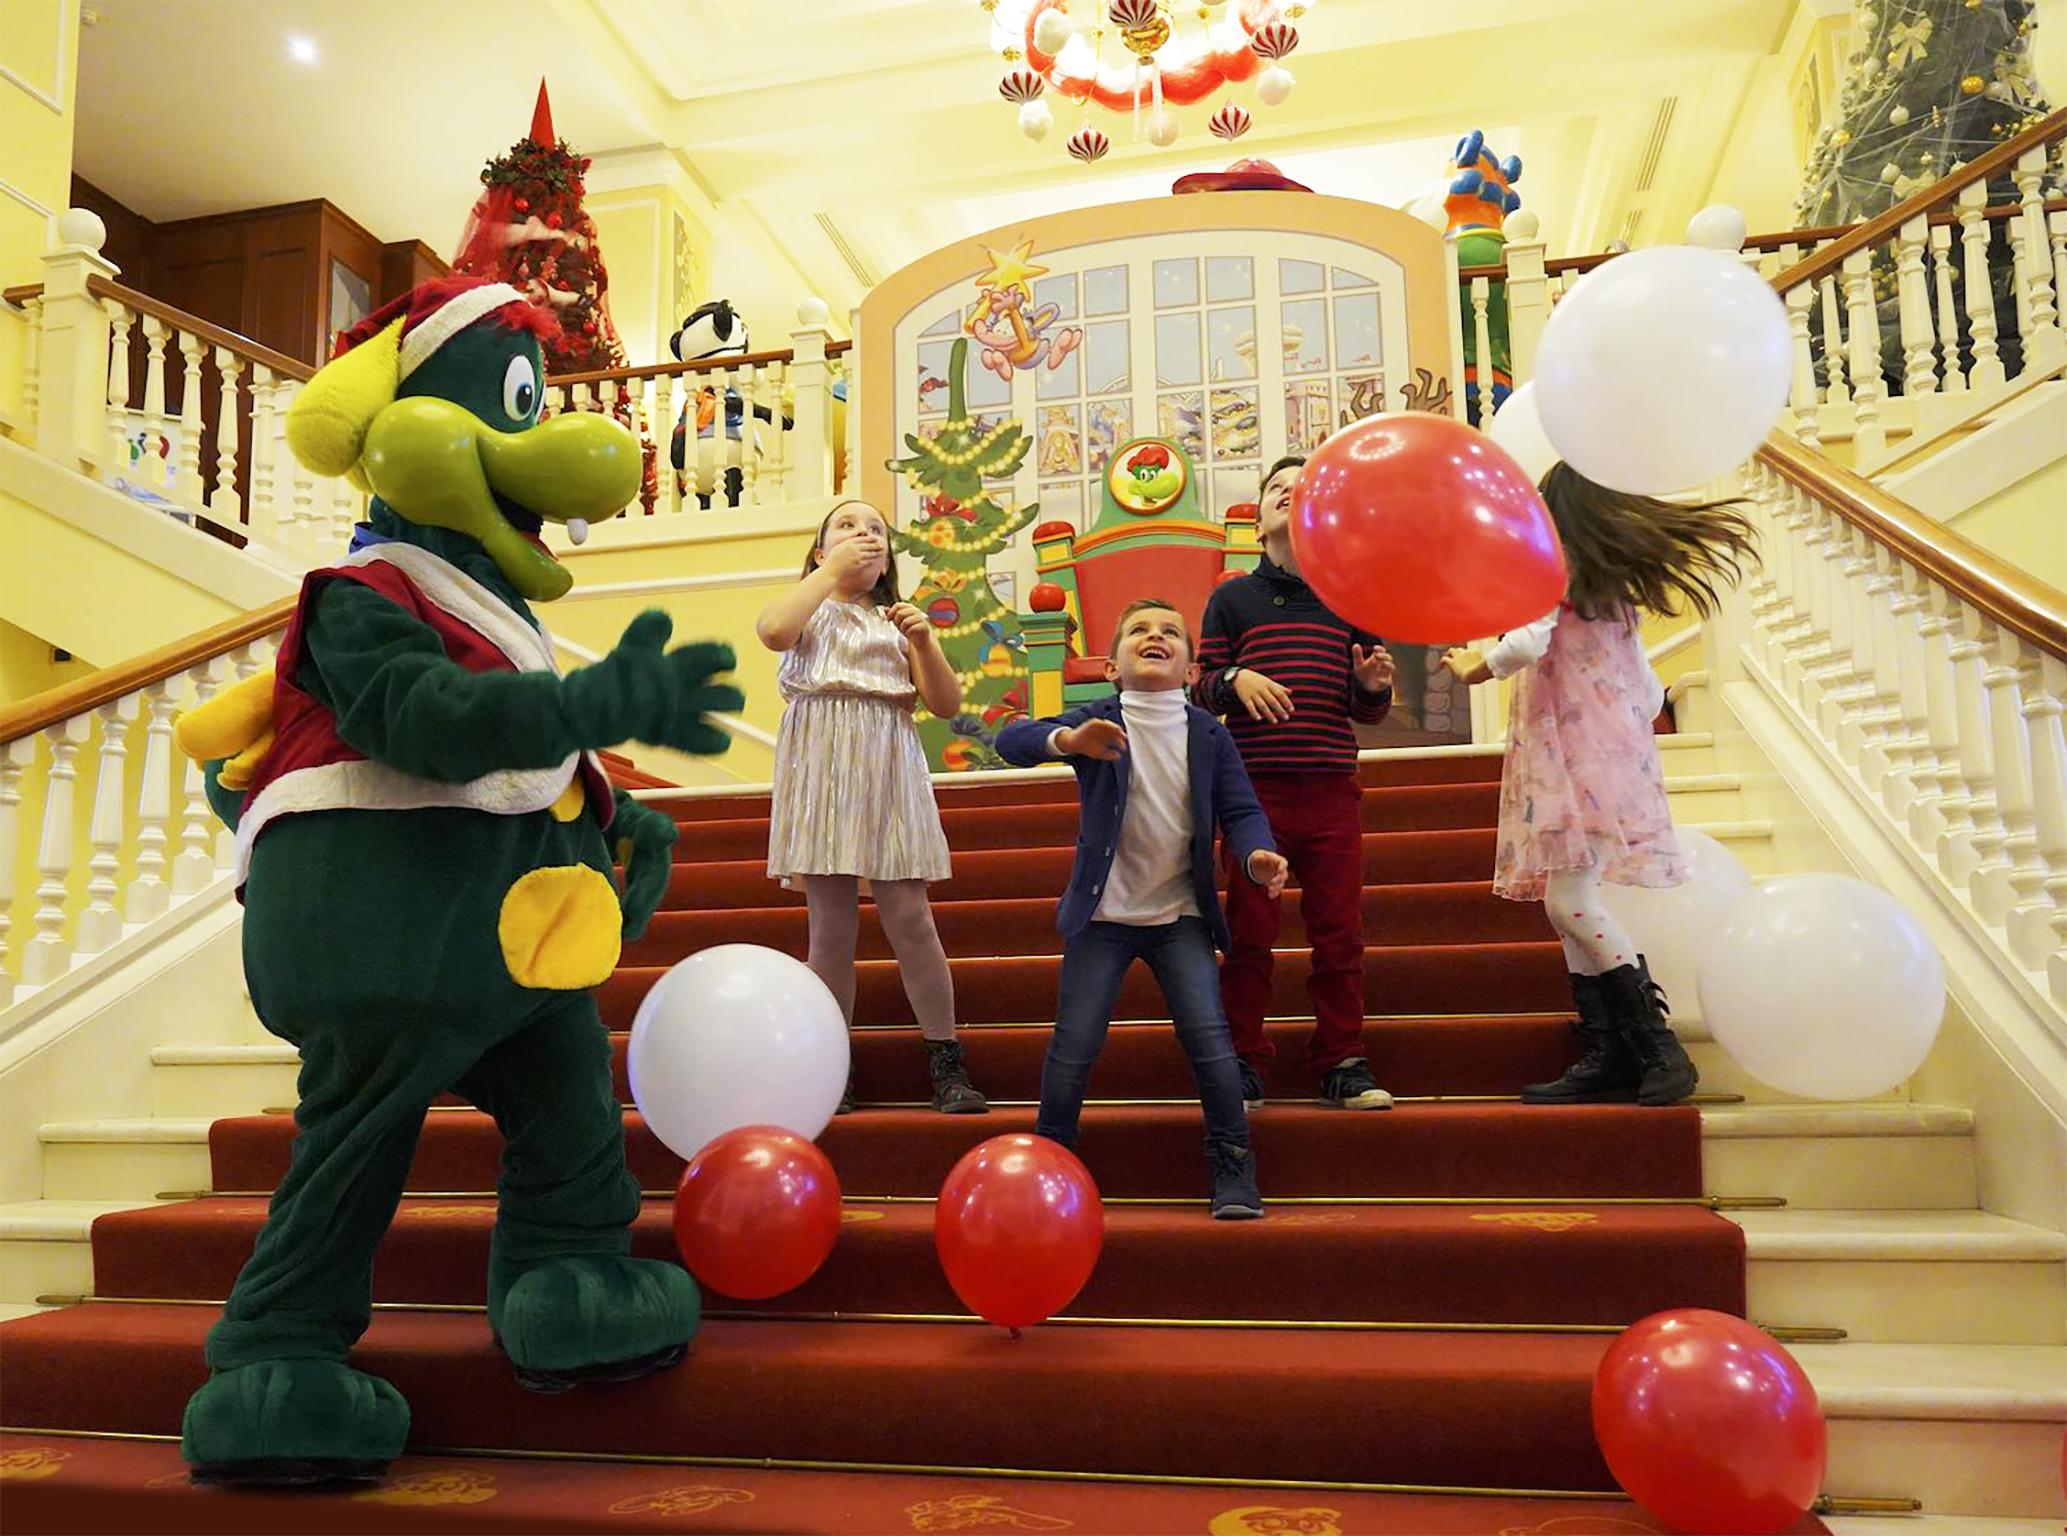 Gardaland hotel per il Capodanno 2020: tutto il programma